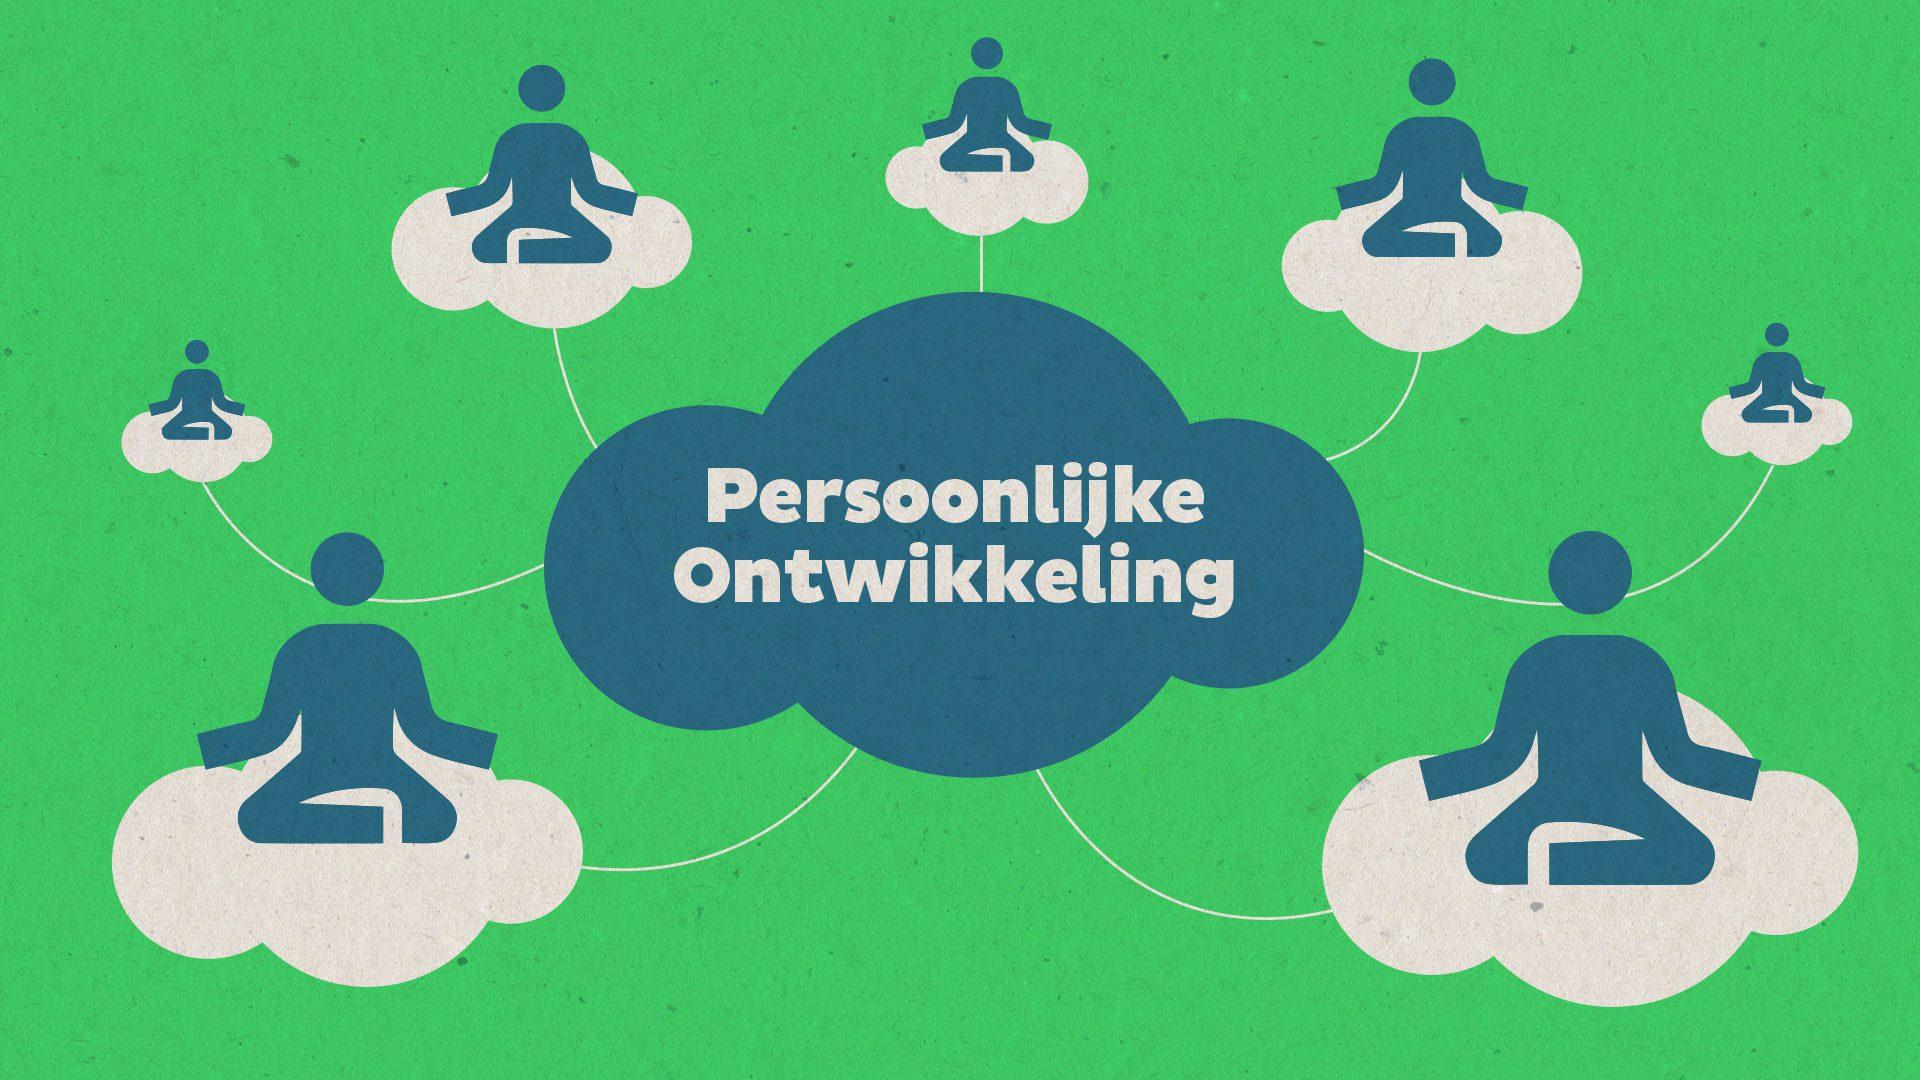 Online Energizer Persoonlijke Ontwikkeling